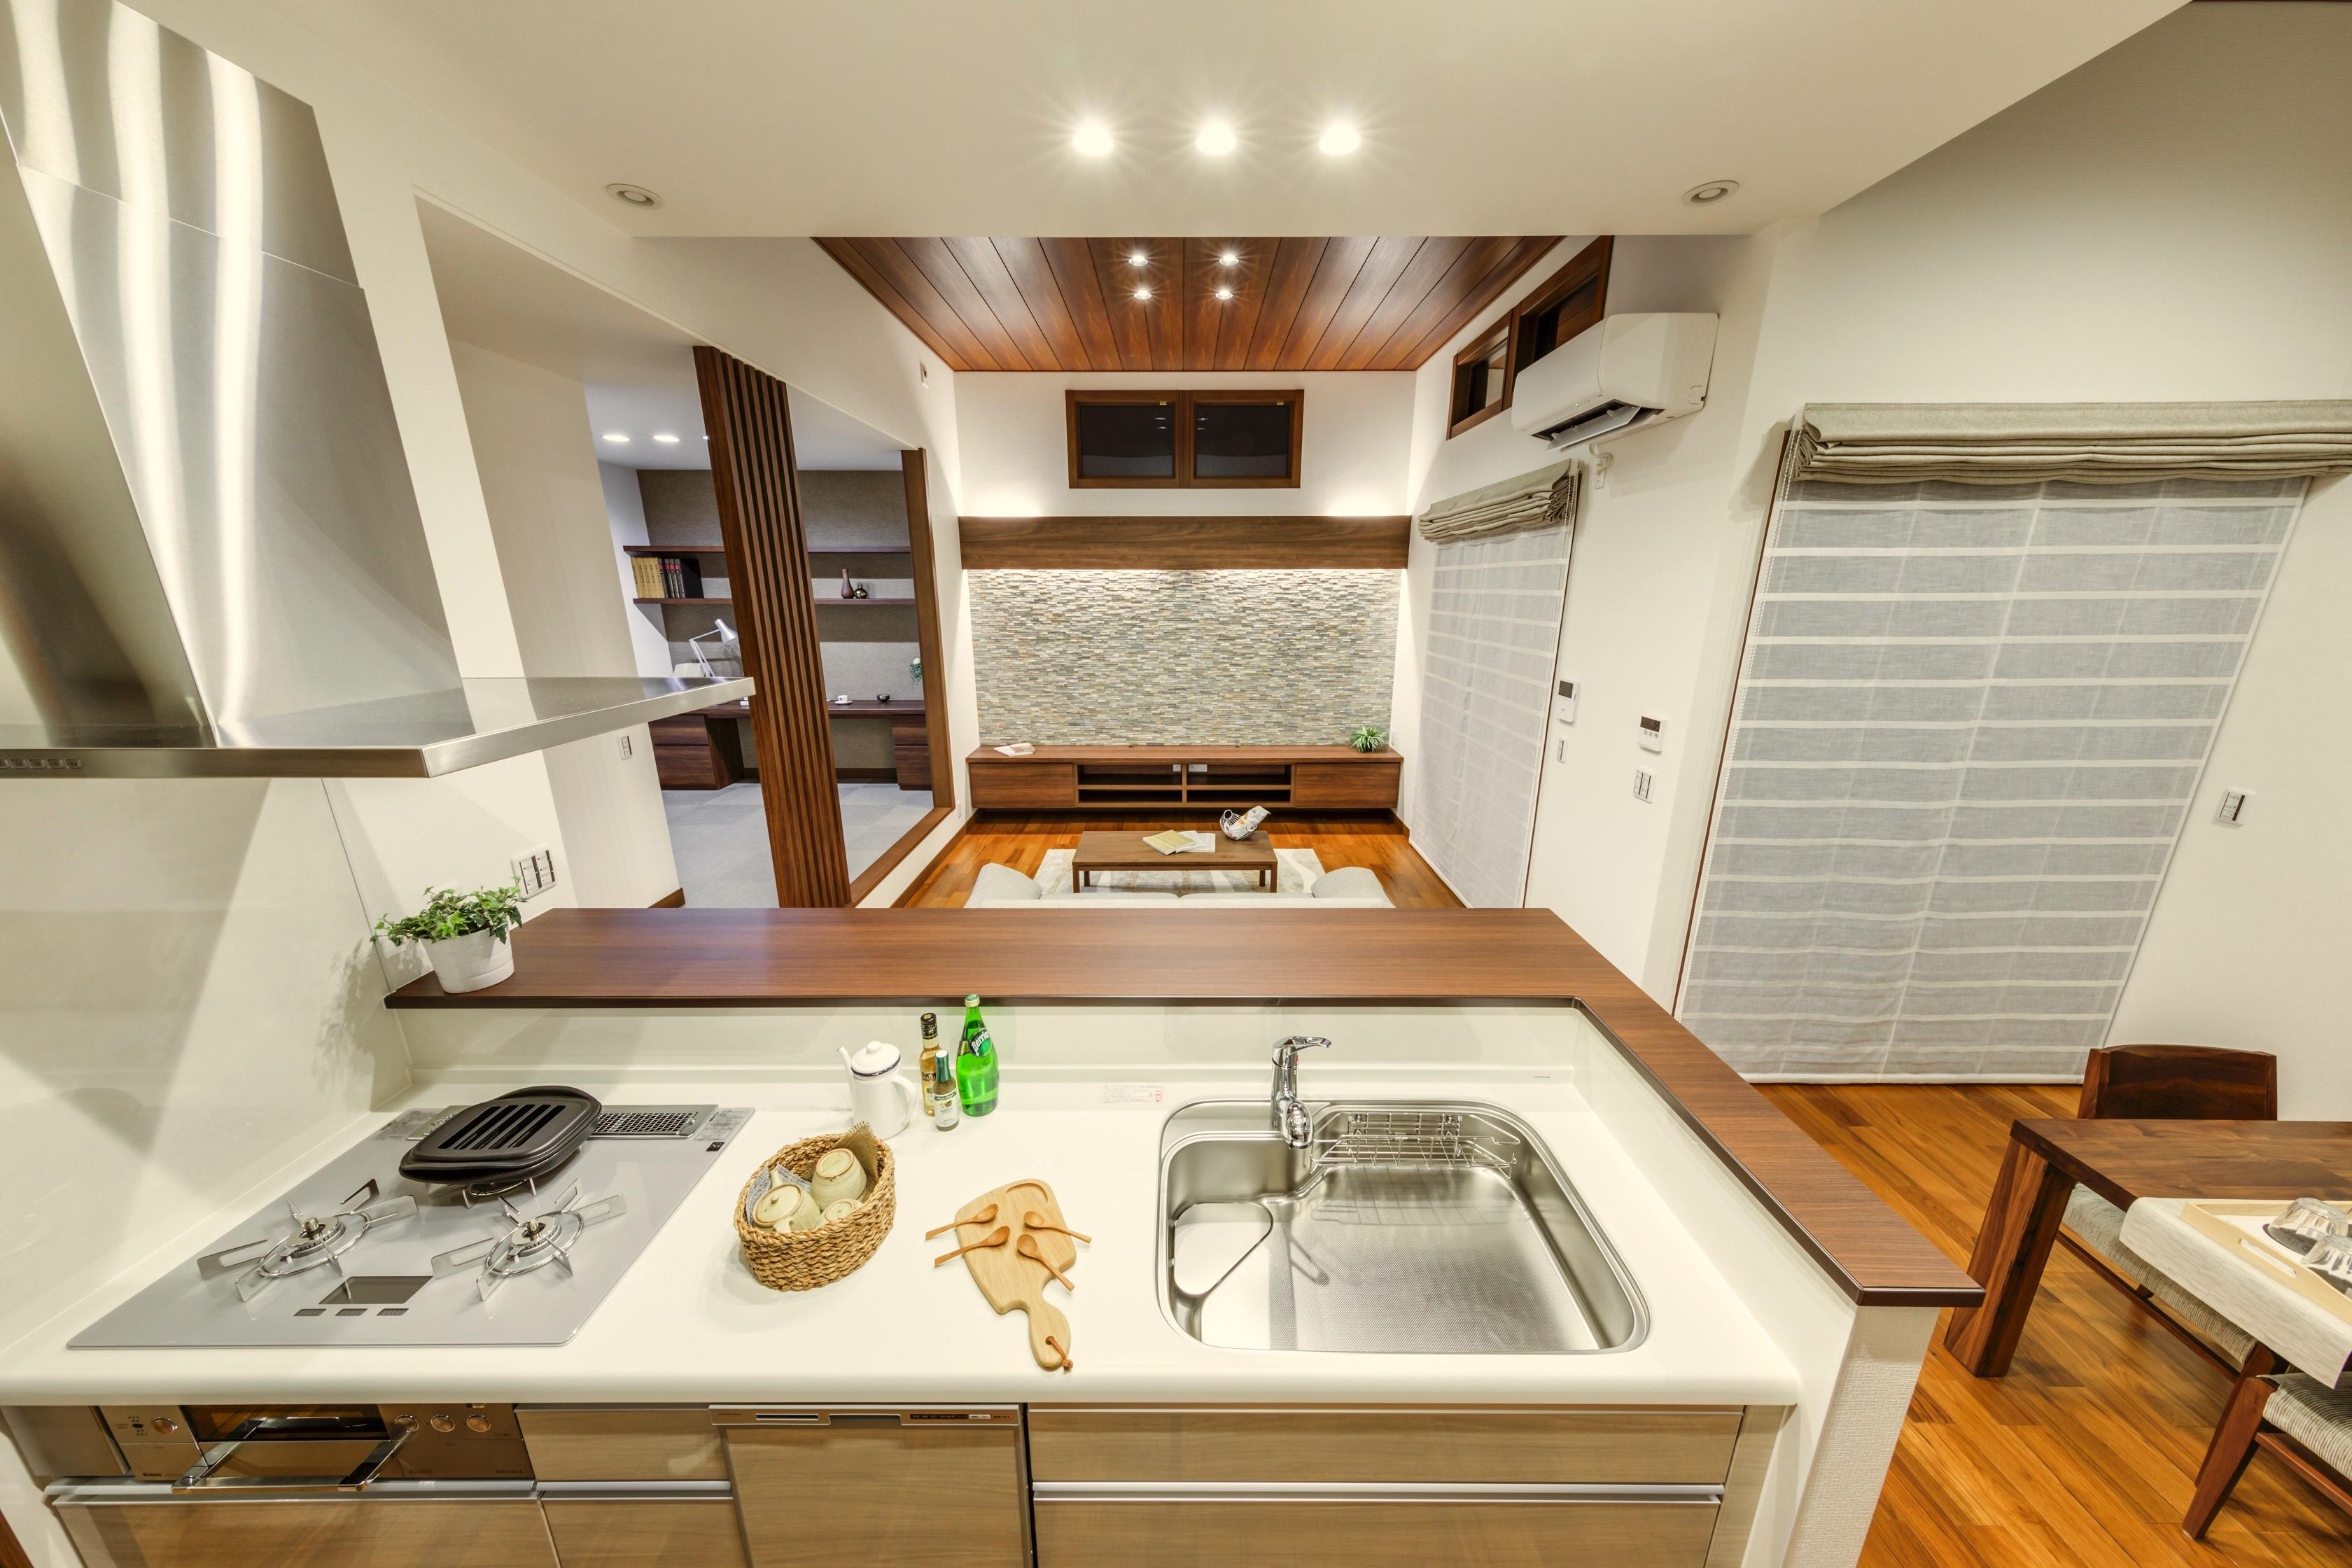 ミサワホーム静岡【デザイン住宅、収納力、間取り】キッチンからはリビングでくつろぐ家族の様子が見渡せる。コミュニケーションが取りやすく、料理をしながら子どもの勉強も見てあげられる